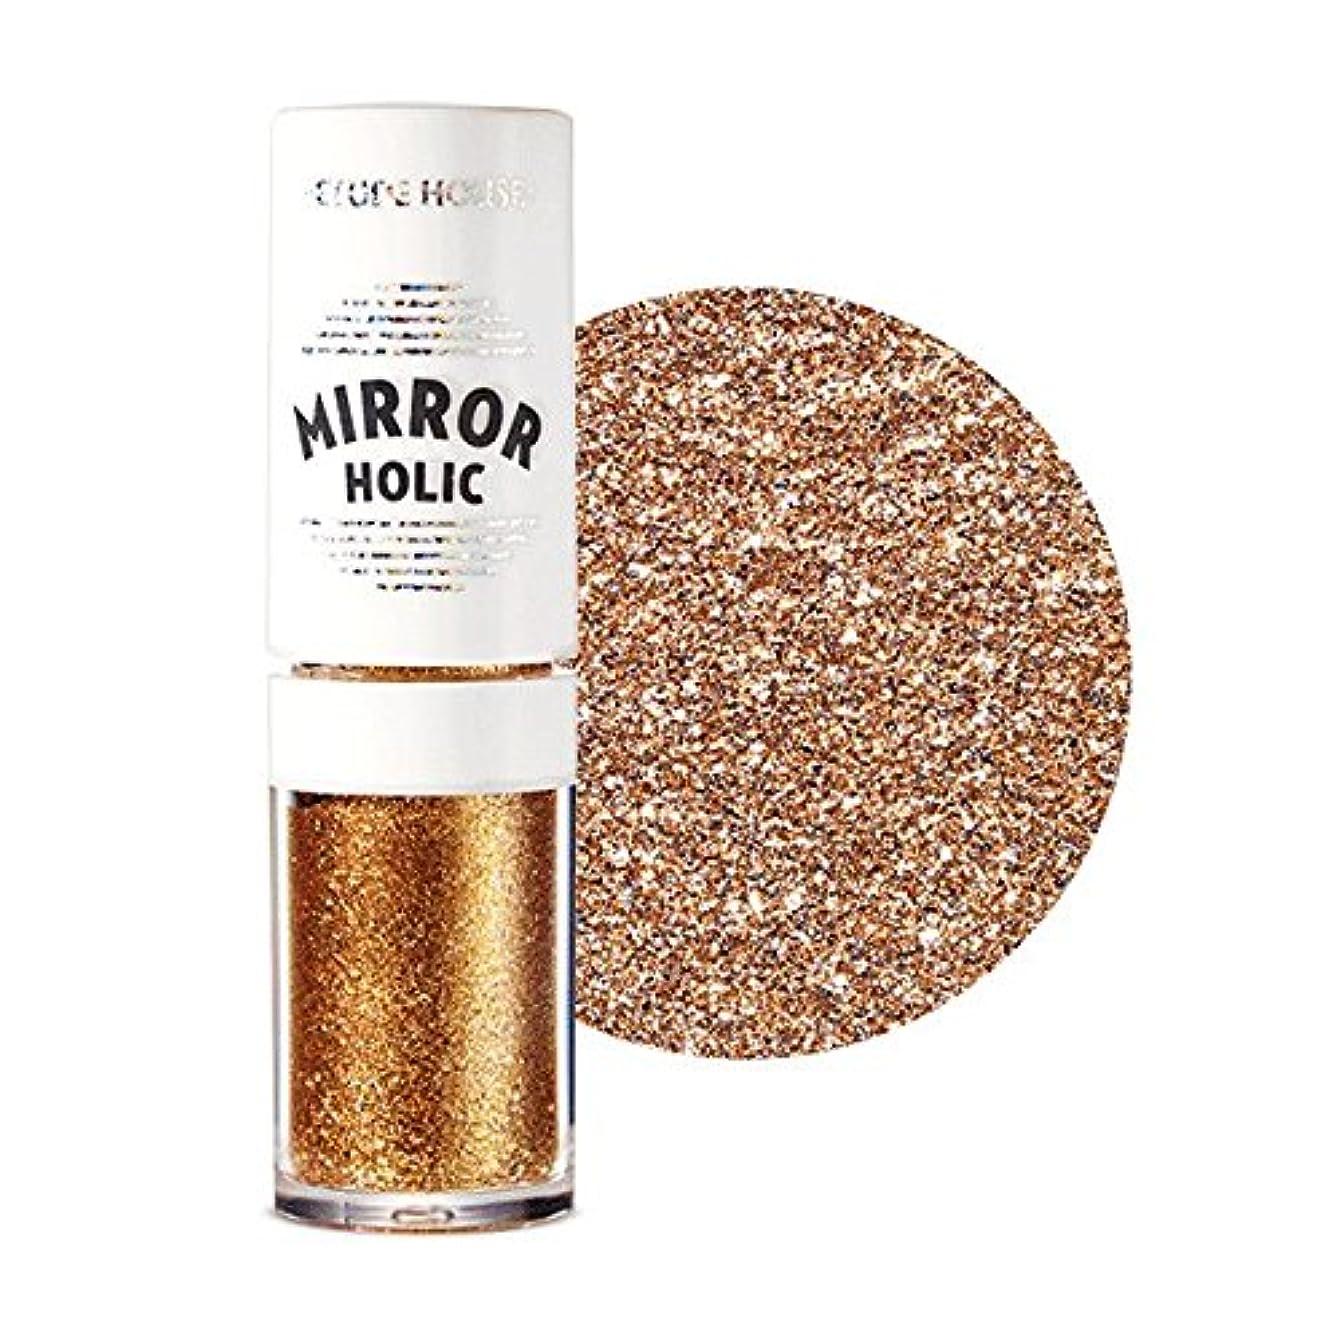 キノコインストール水を飲むETUDE HOUSE Mirror Holic Liquid Eyes / エチュードハウス ミラーホリックリキッドアイズ ミラーホリックリキッドアイズ (BE102) [並行輸入品]